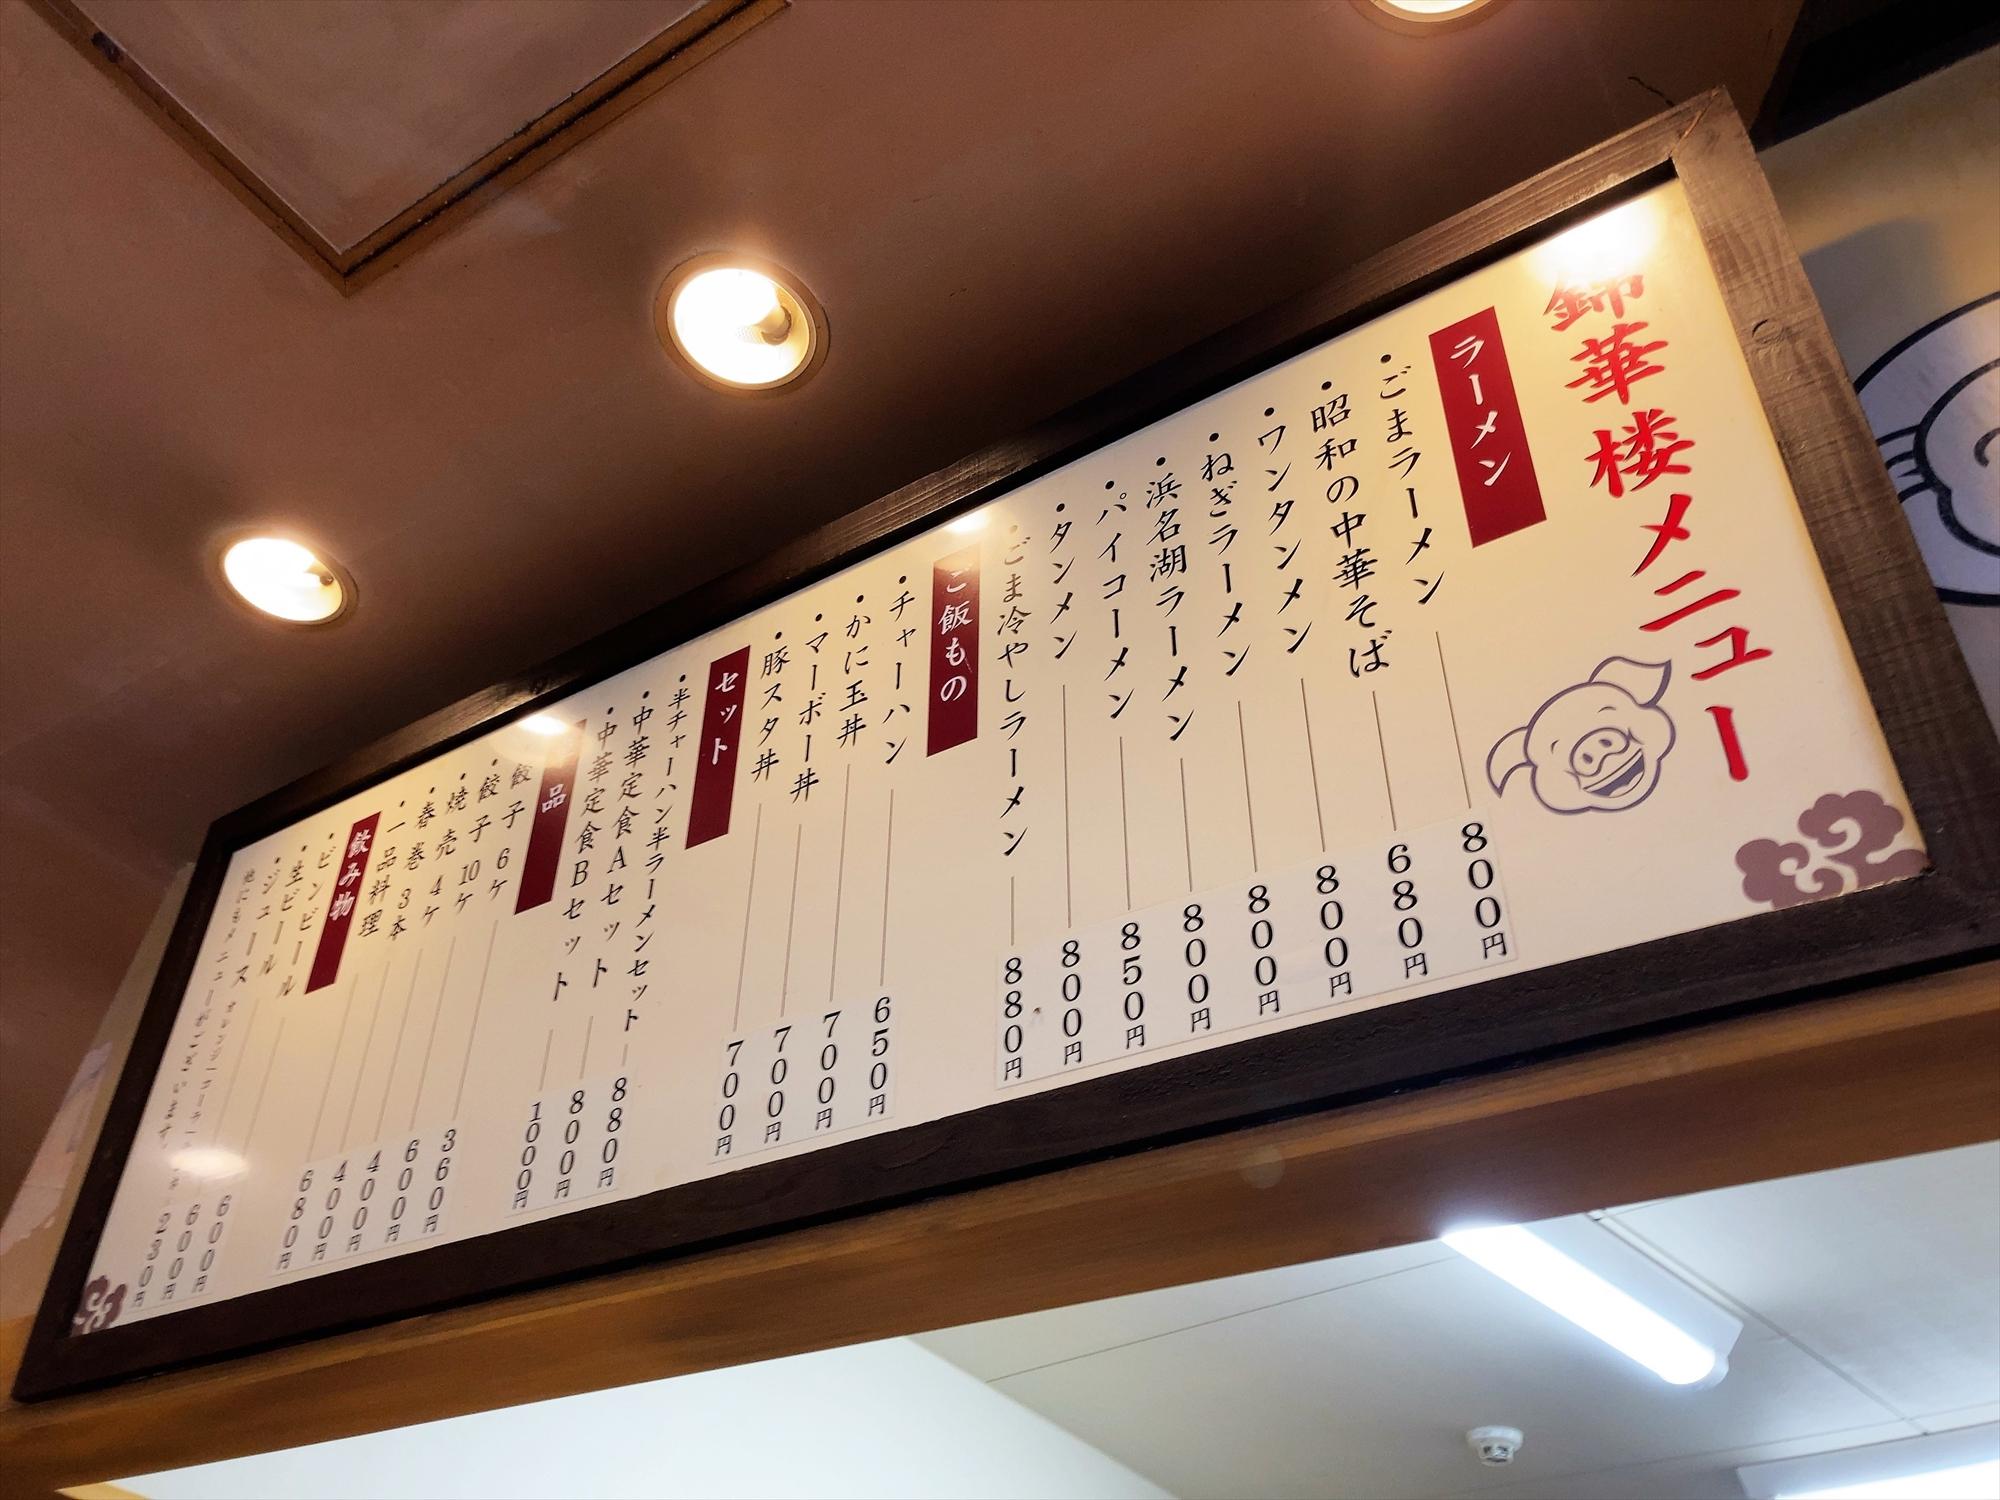 錦華楼 千歳本店のメニュー